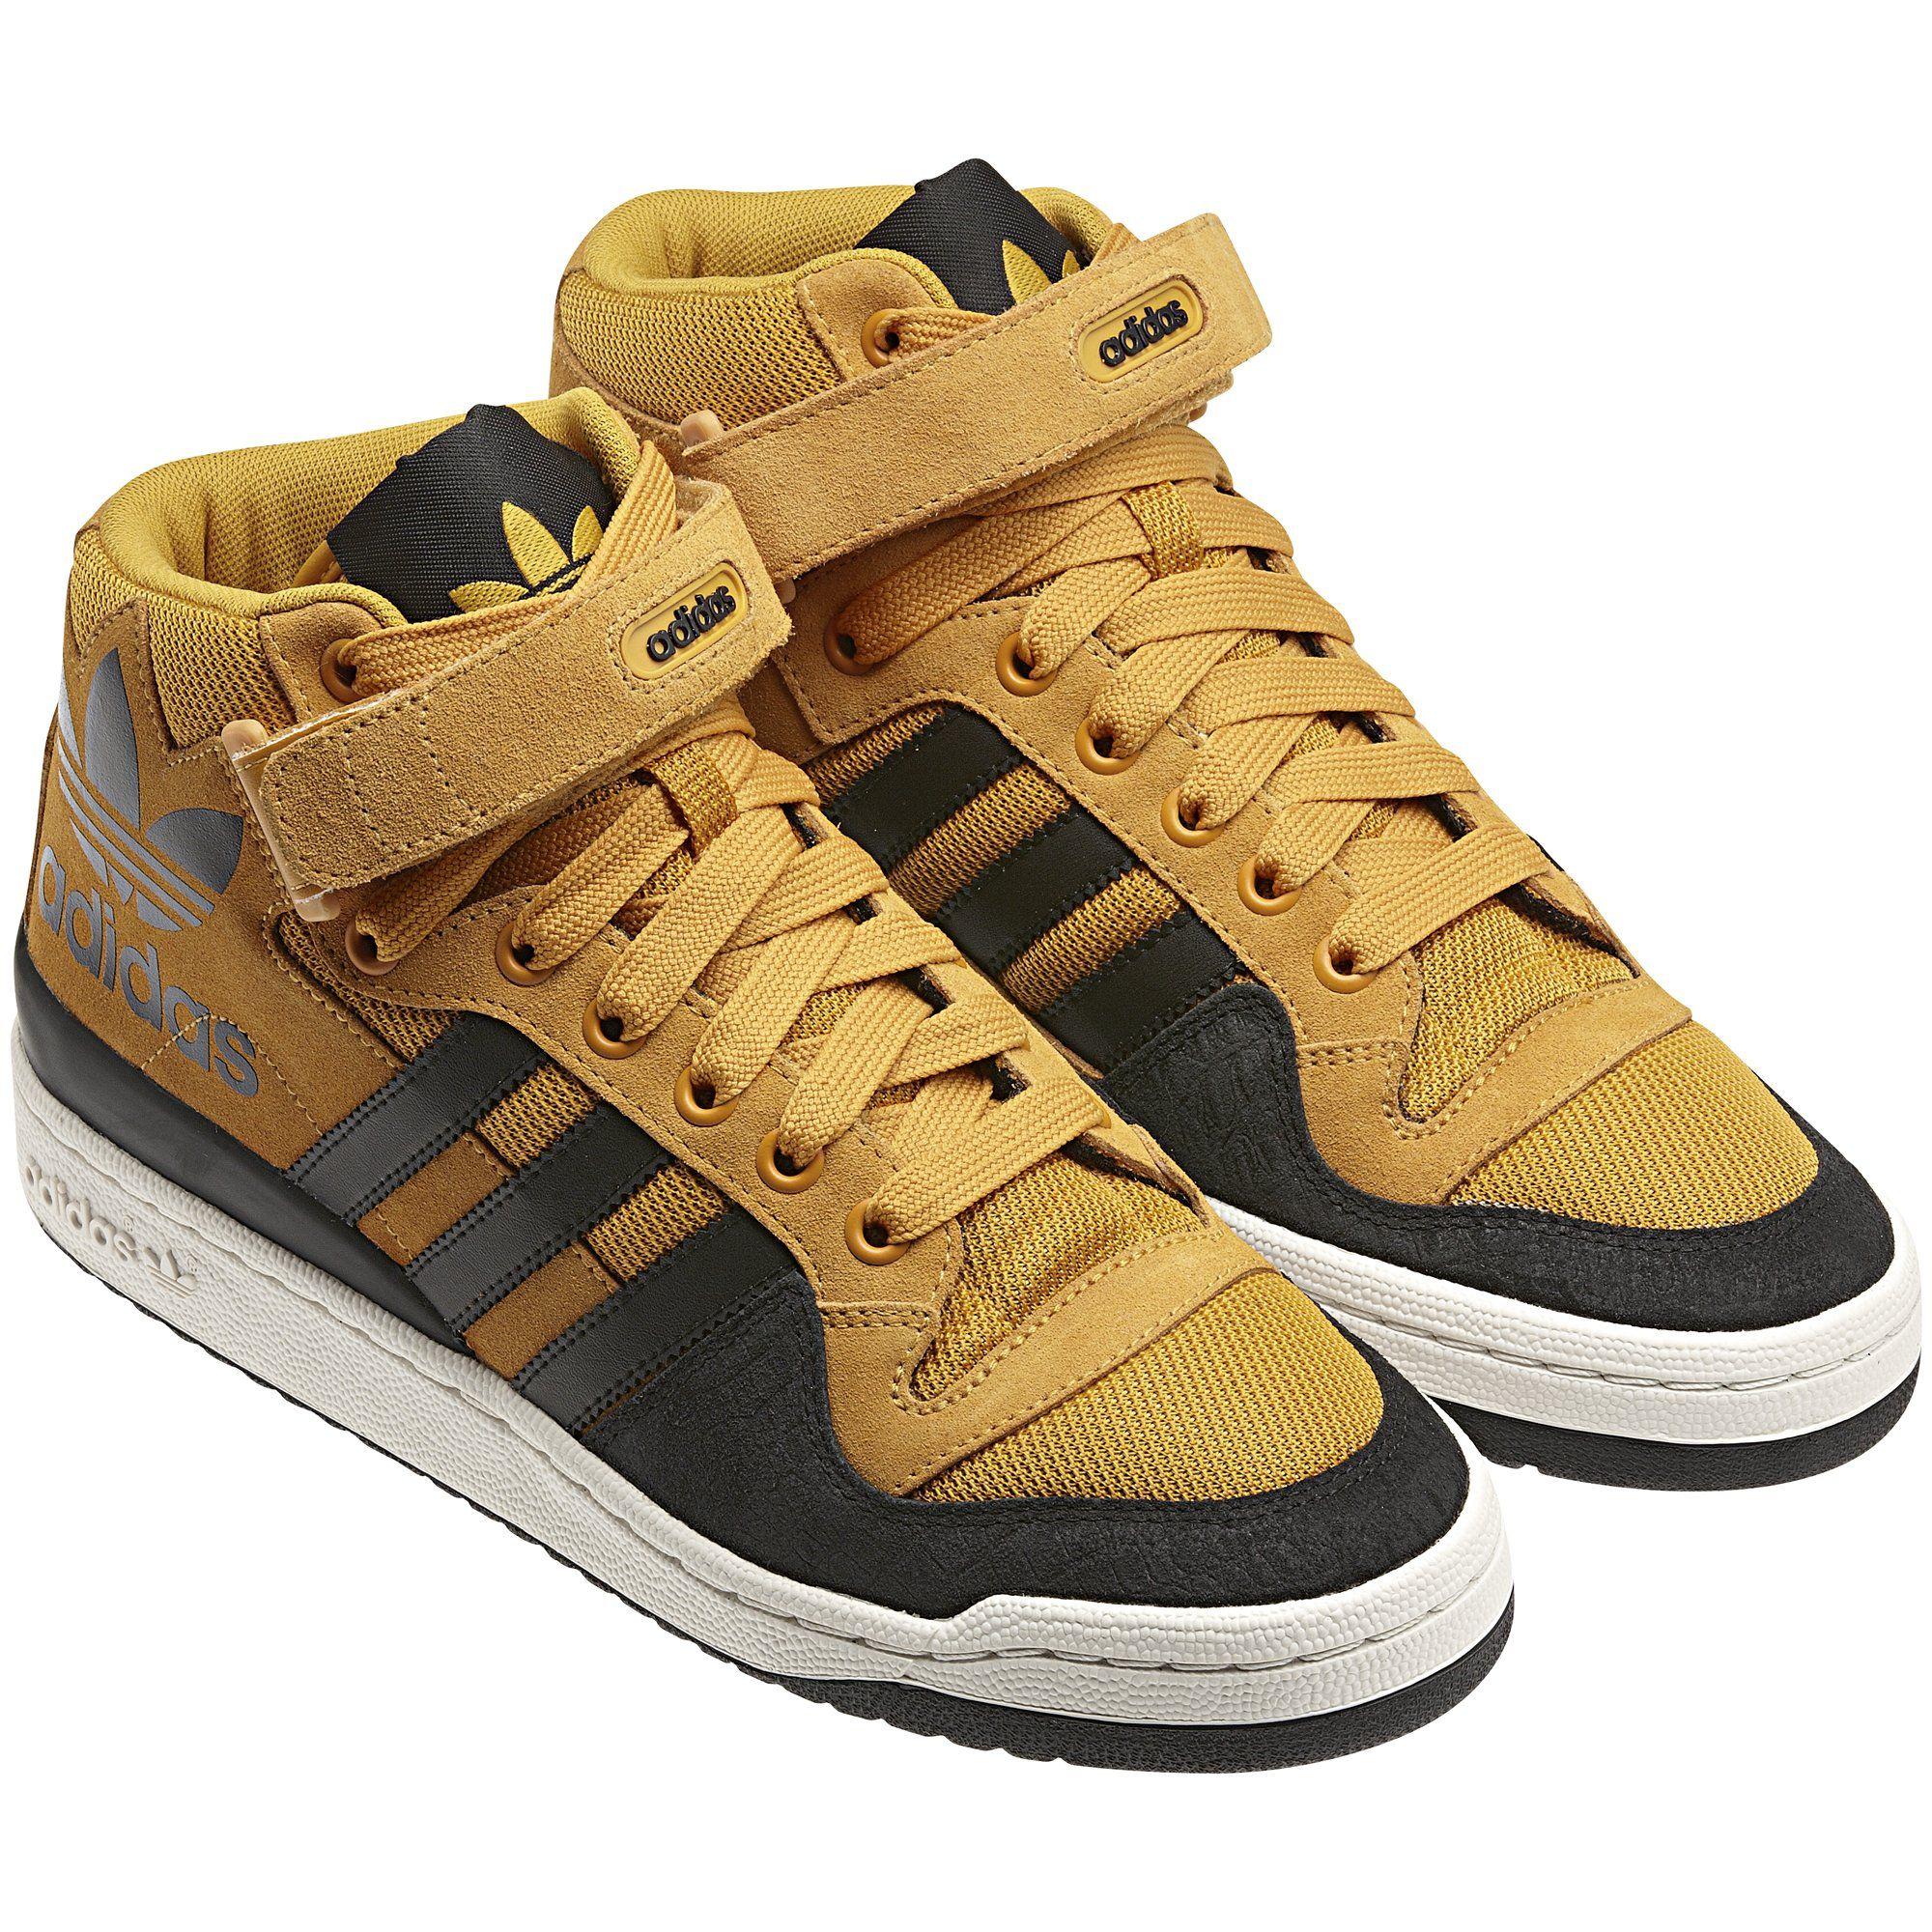 sports shoes 86af6 11040 Men s Forum Mid Rs Xl Shoes, Craft Gold   White Vapour   Black